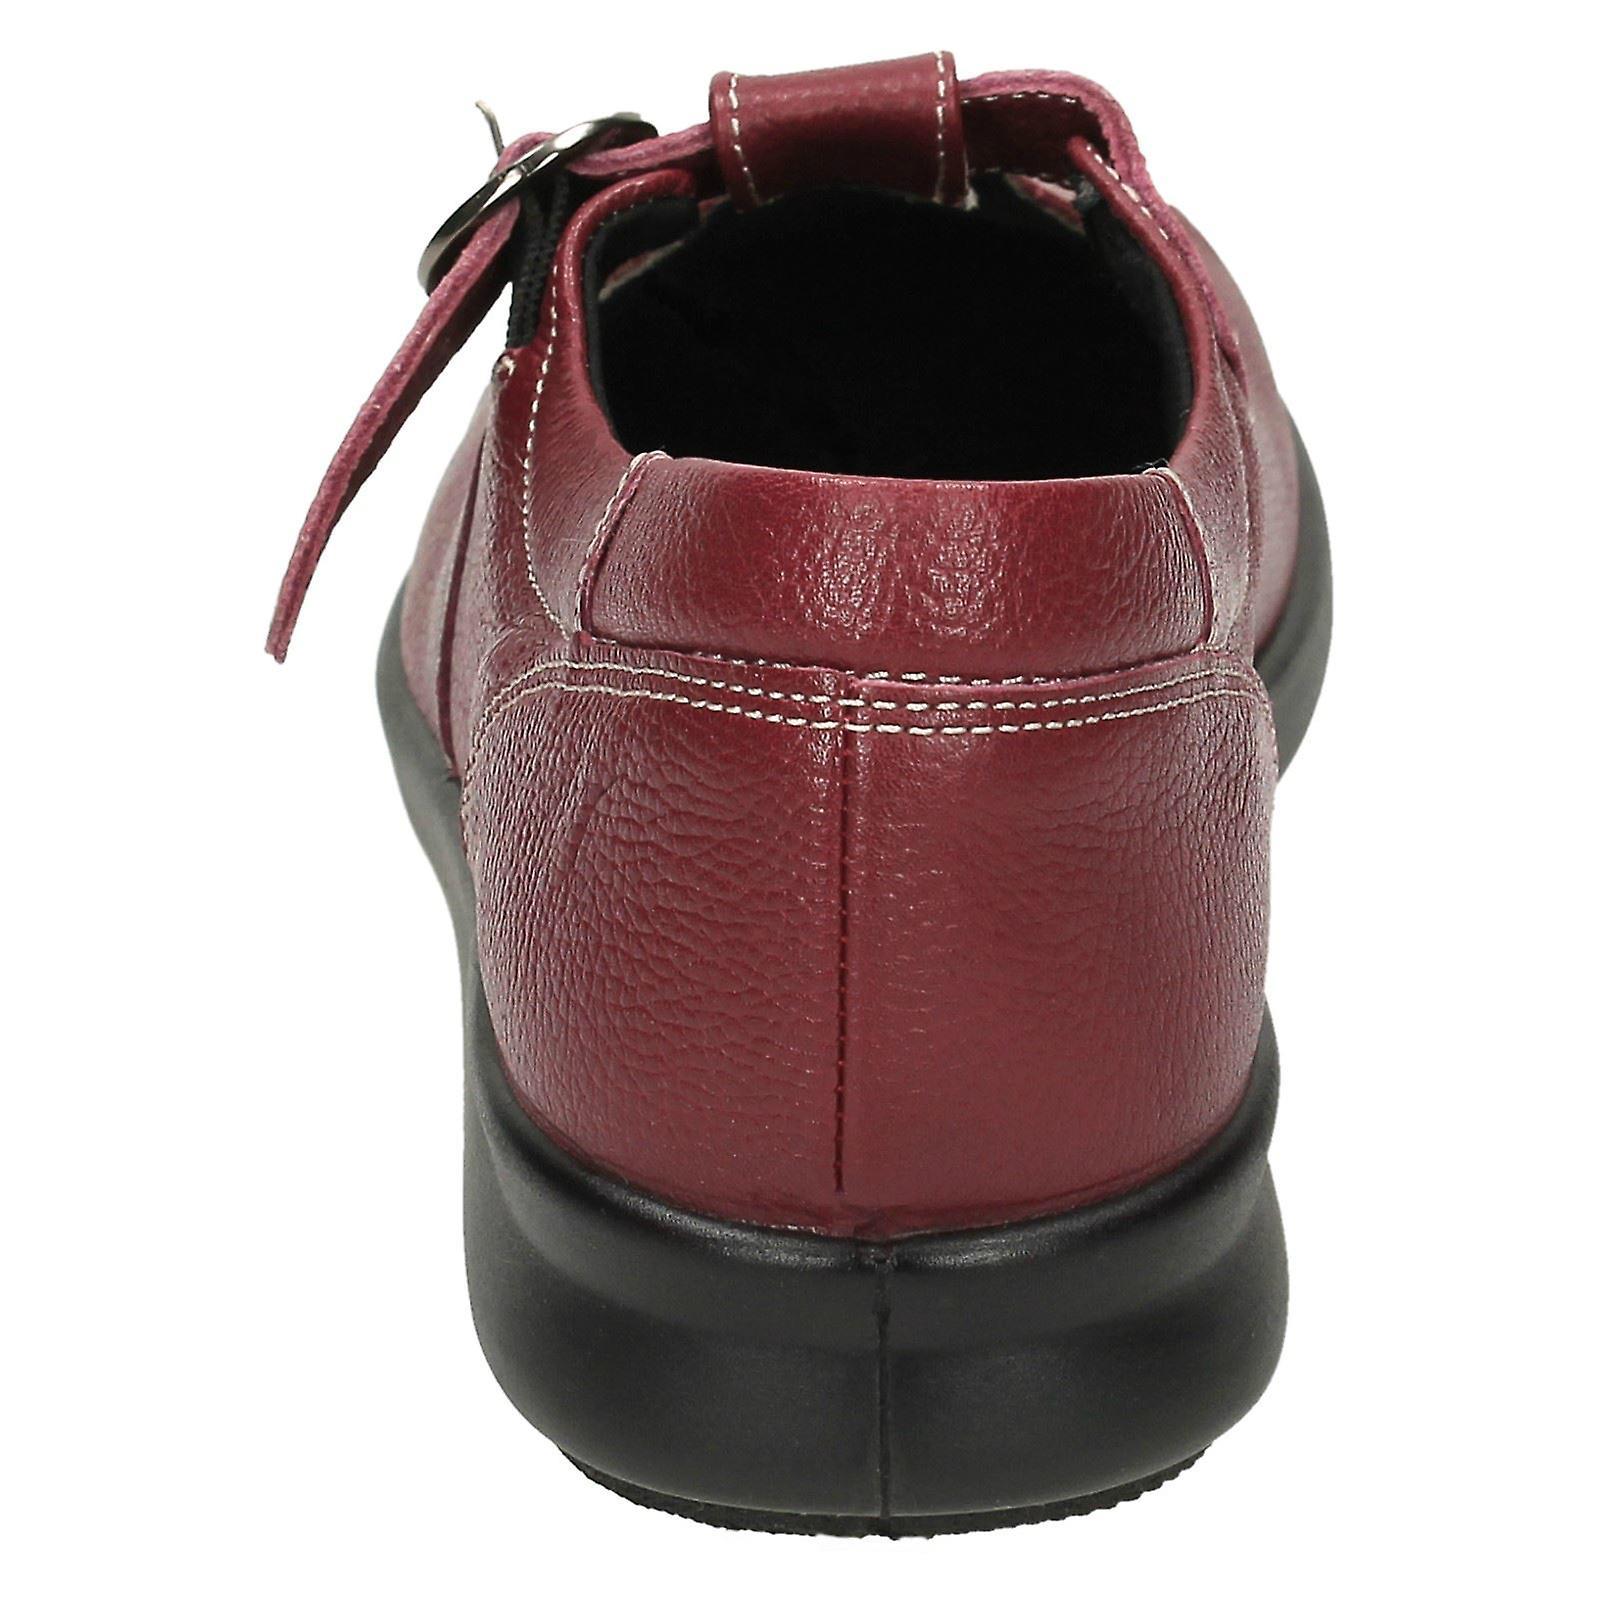 Jenny buty damskie proste B